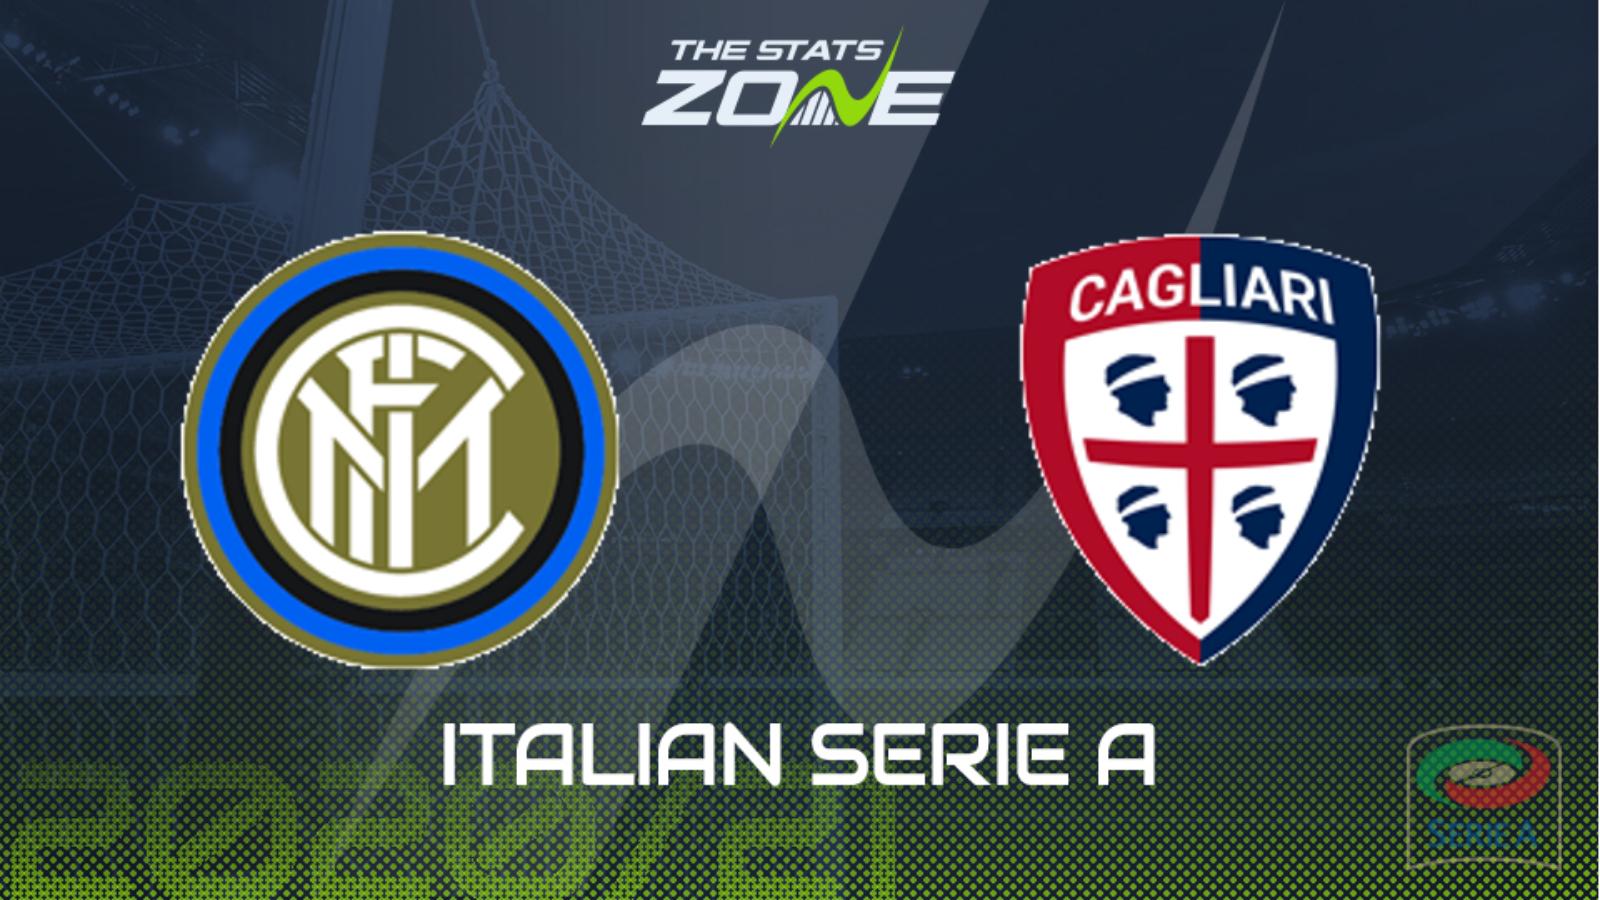 Inter Milan vs Cagliari Full Match – Serie A 2020/21